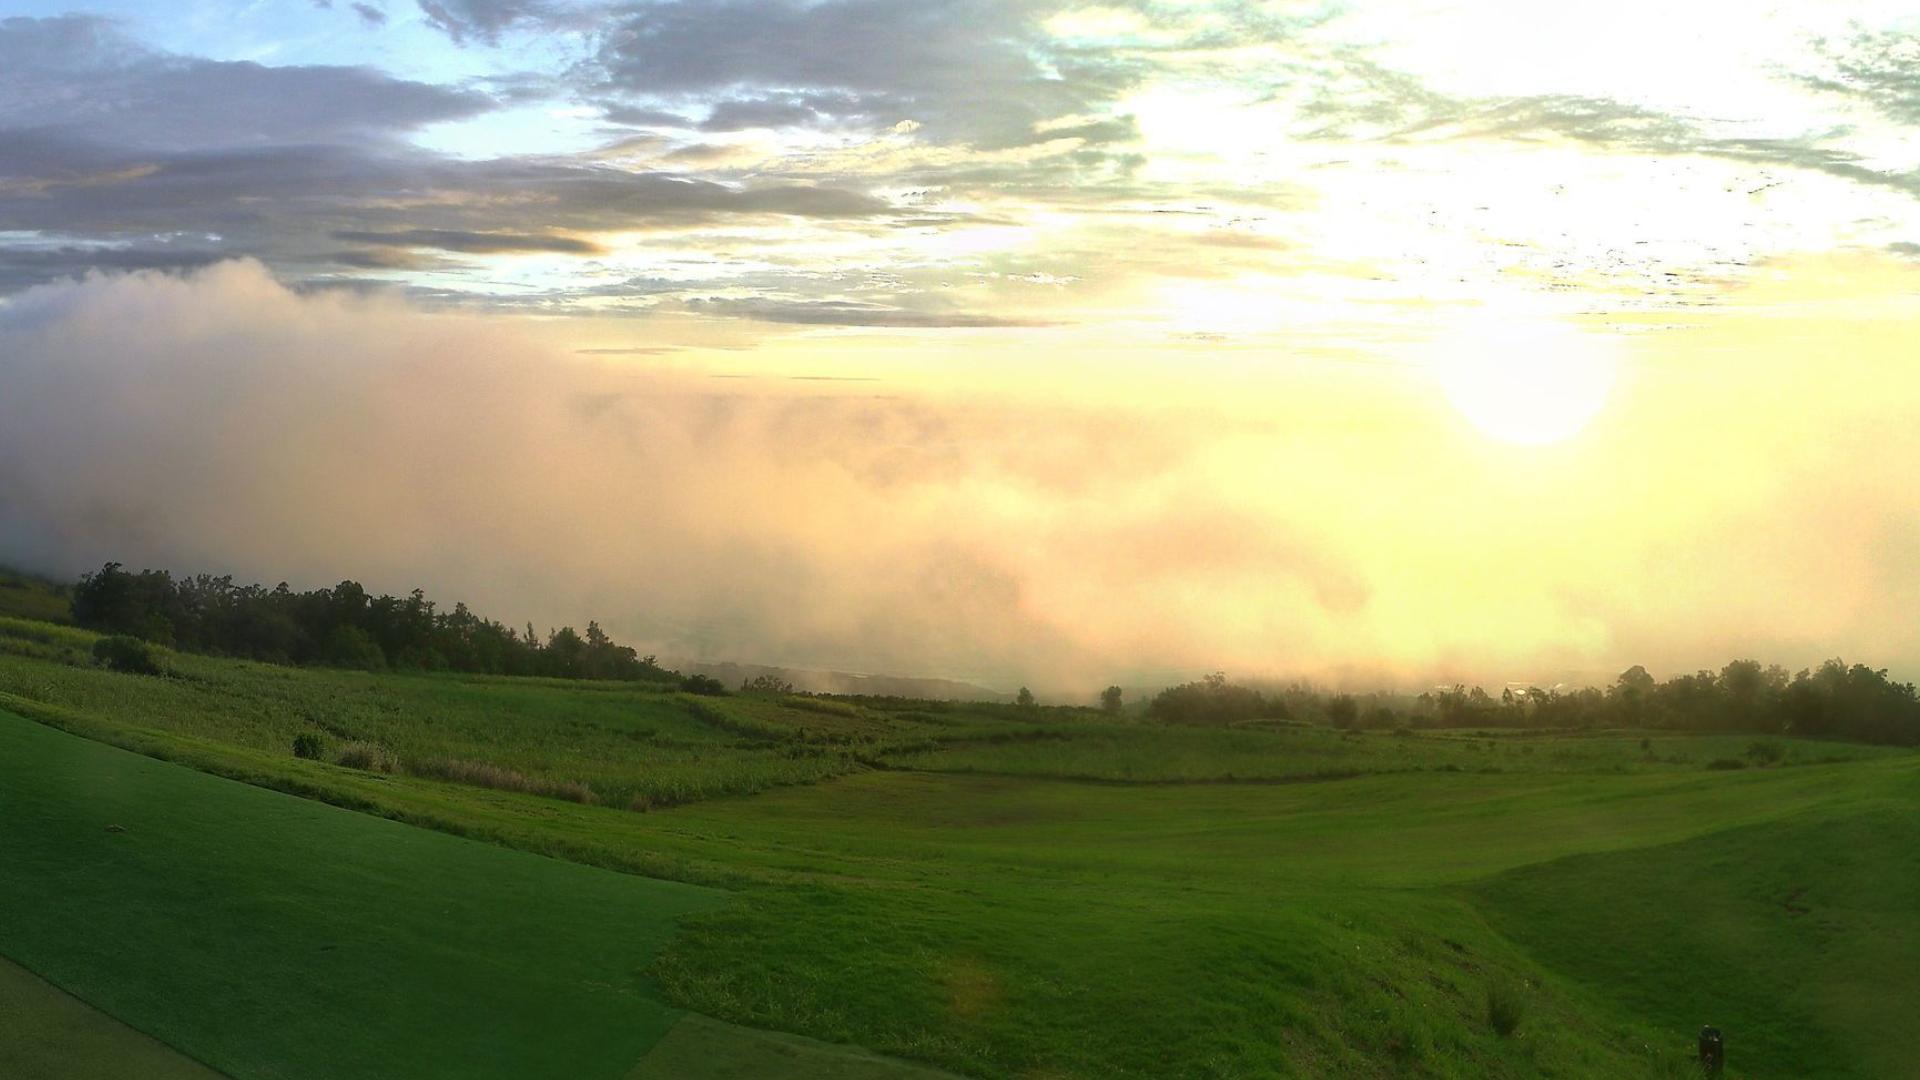 Cliquez sur l'image.Webcam du jour: Colimçaons dans les hauts de l'ouest de la Réunion. Après l'averse, juste avant le coucher du soleil alors que le brouillard tombe. Crédit http://www.meteo-reunion.com/